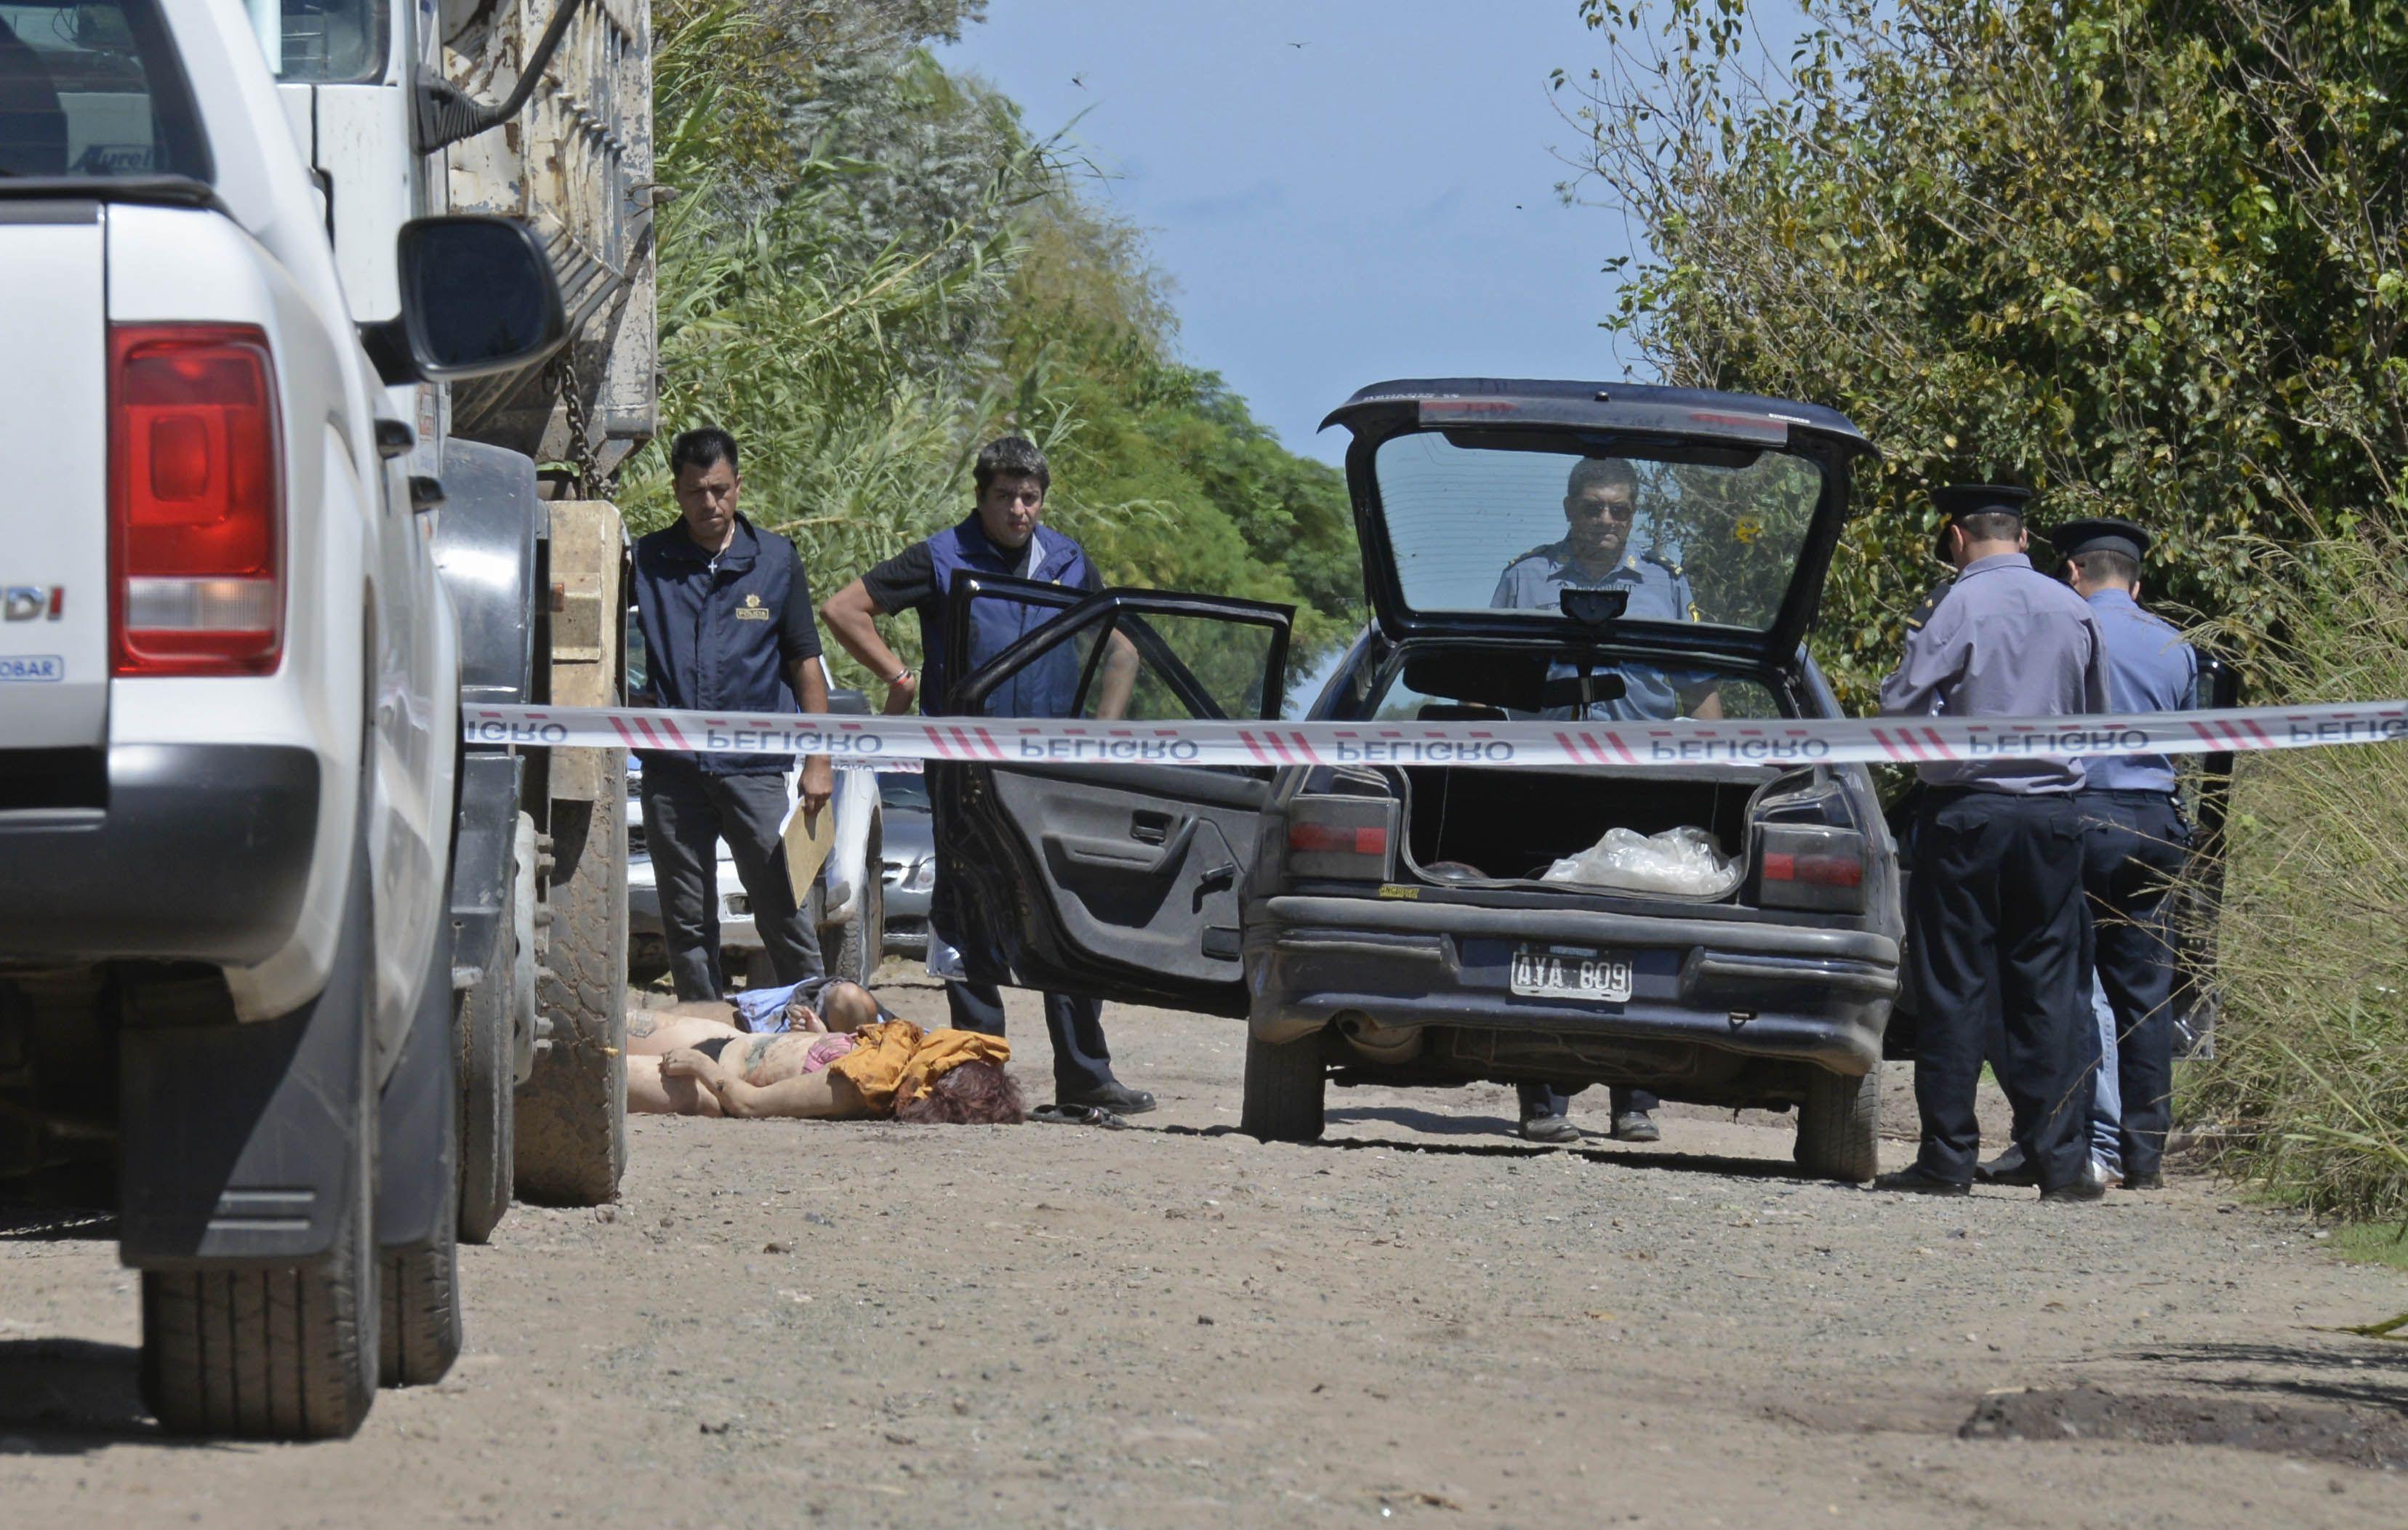 El cruce de las rutas nacional 33 y provincial 14. Cerca de allí la policía trabaja tras el hallazgo de un cadáver.